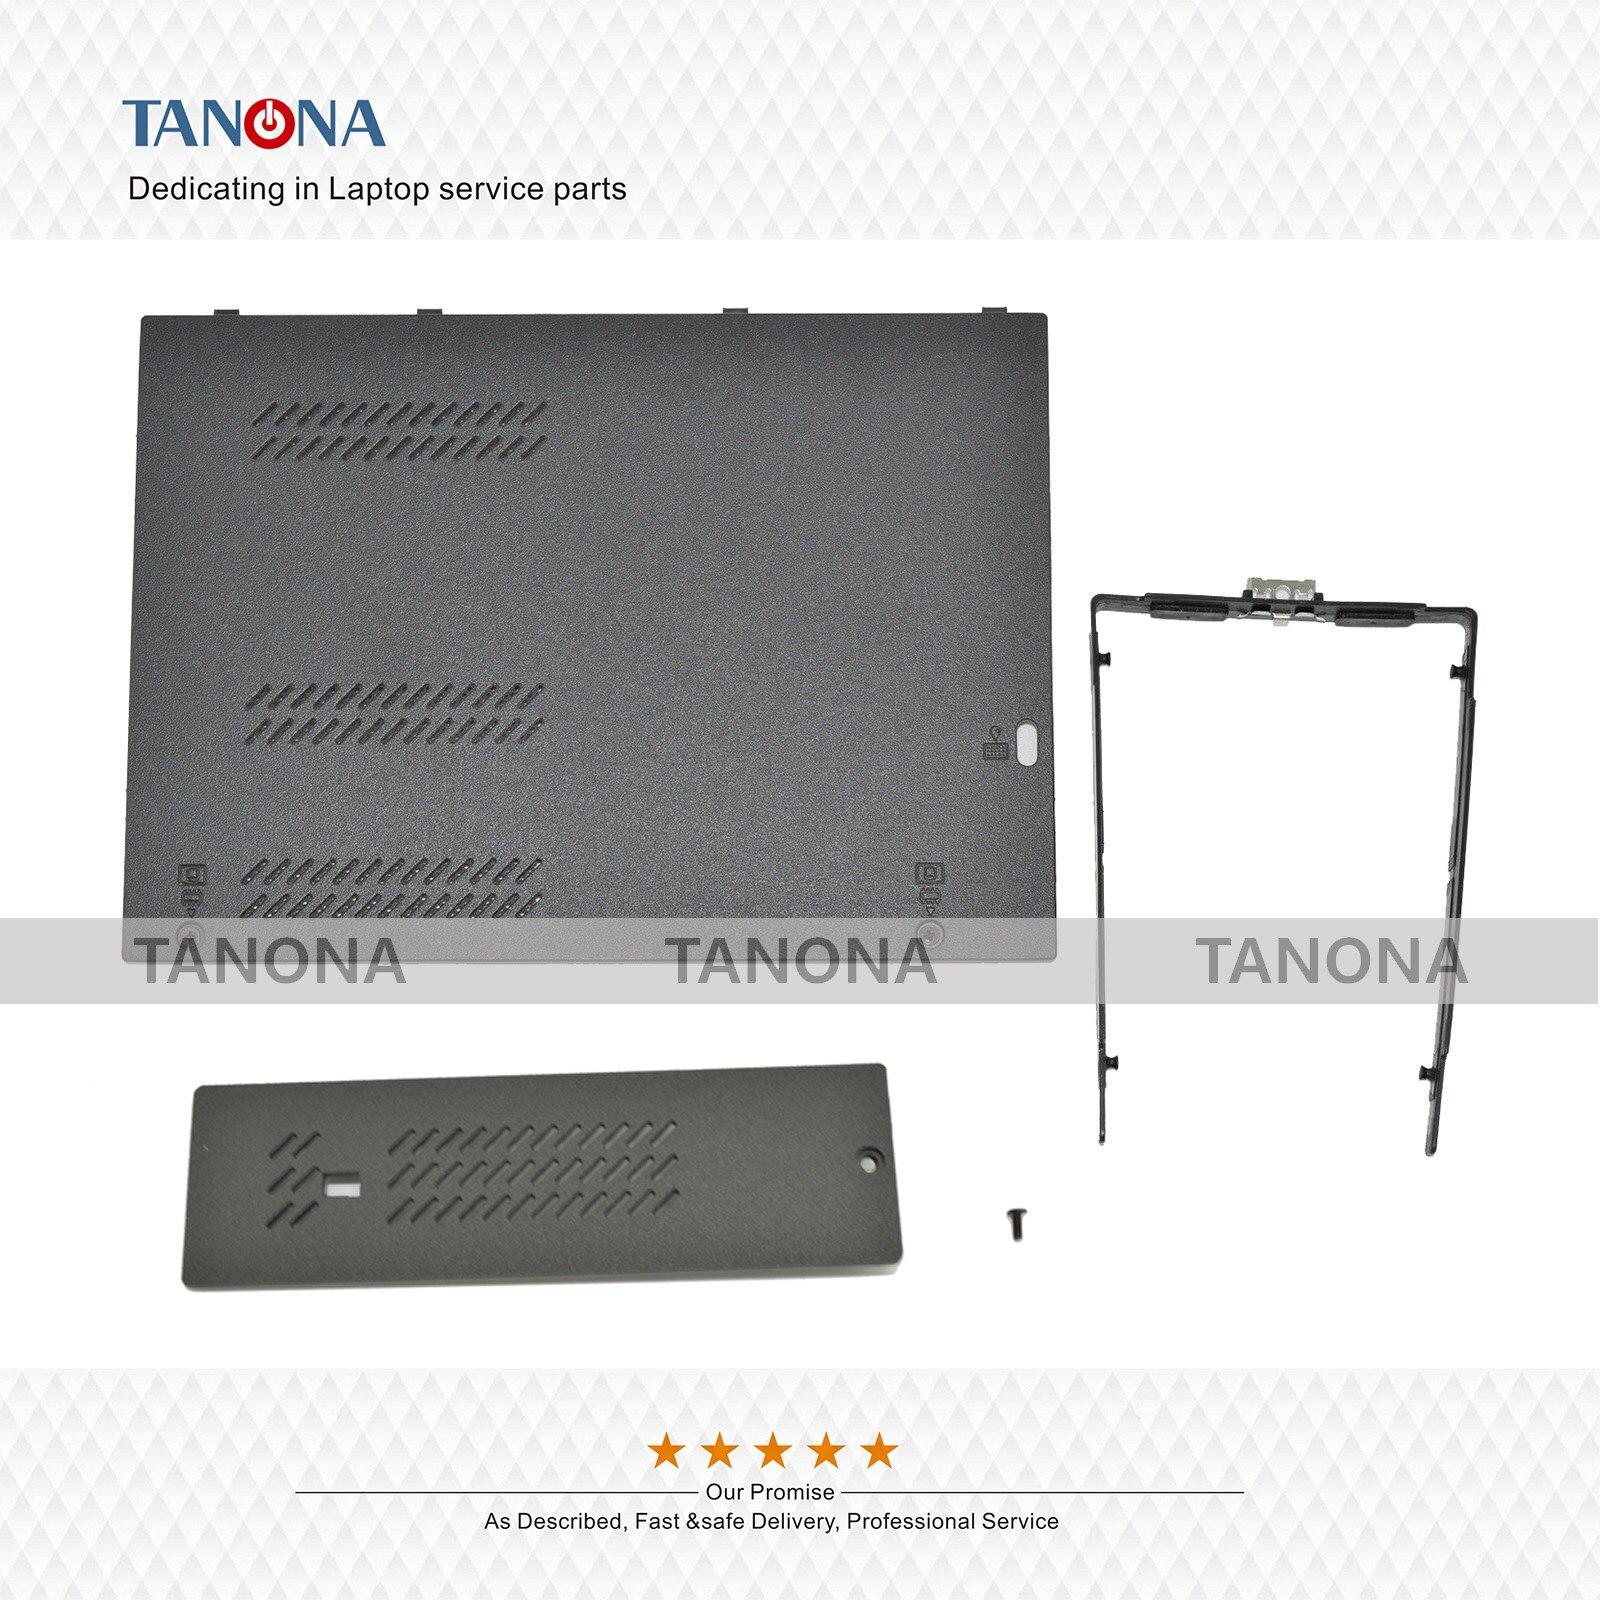 Nuevas piezas del mercado de accesorios 04X5513 para Lenovo Thinkpad T540 T540P W540 W541 cubierta de la puerta del conductor HDD + cubierta RAM + soporte